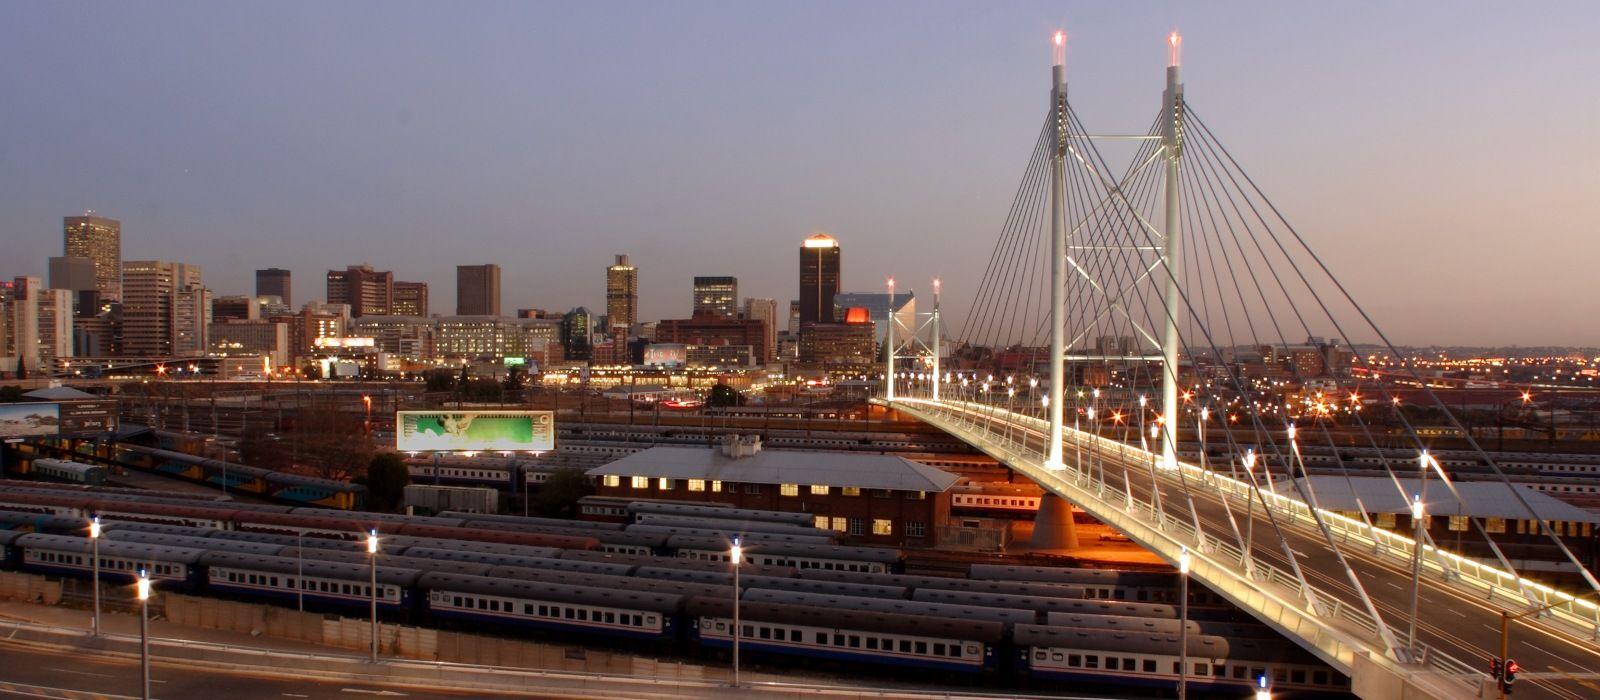 Destination Pretoria South Africa